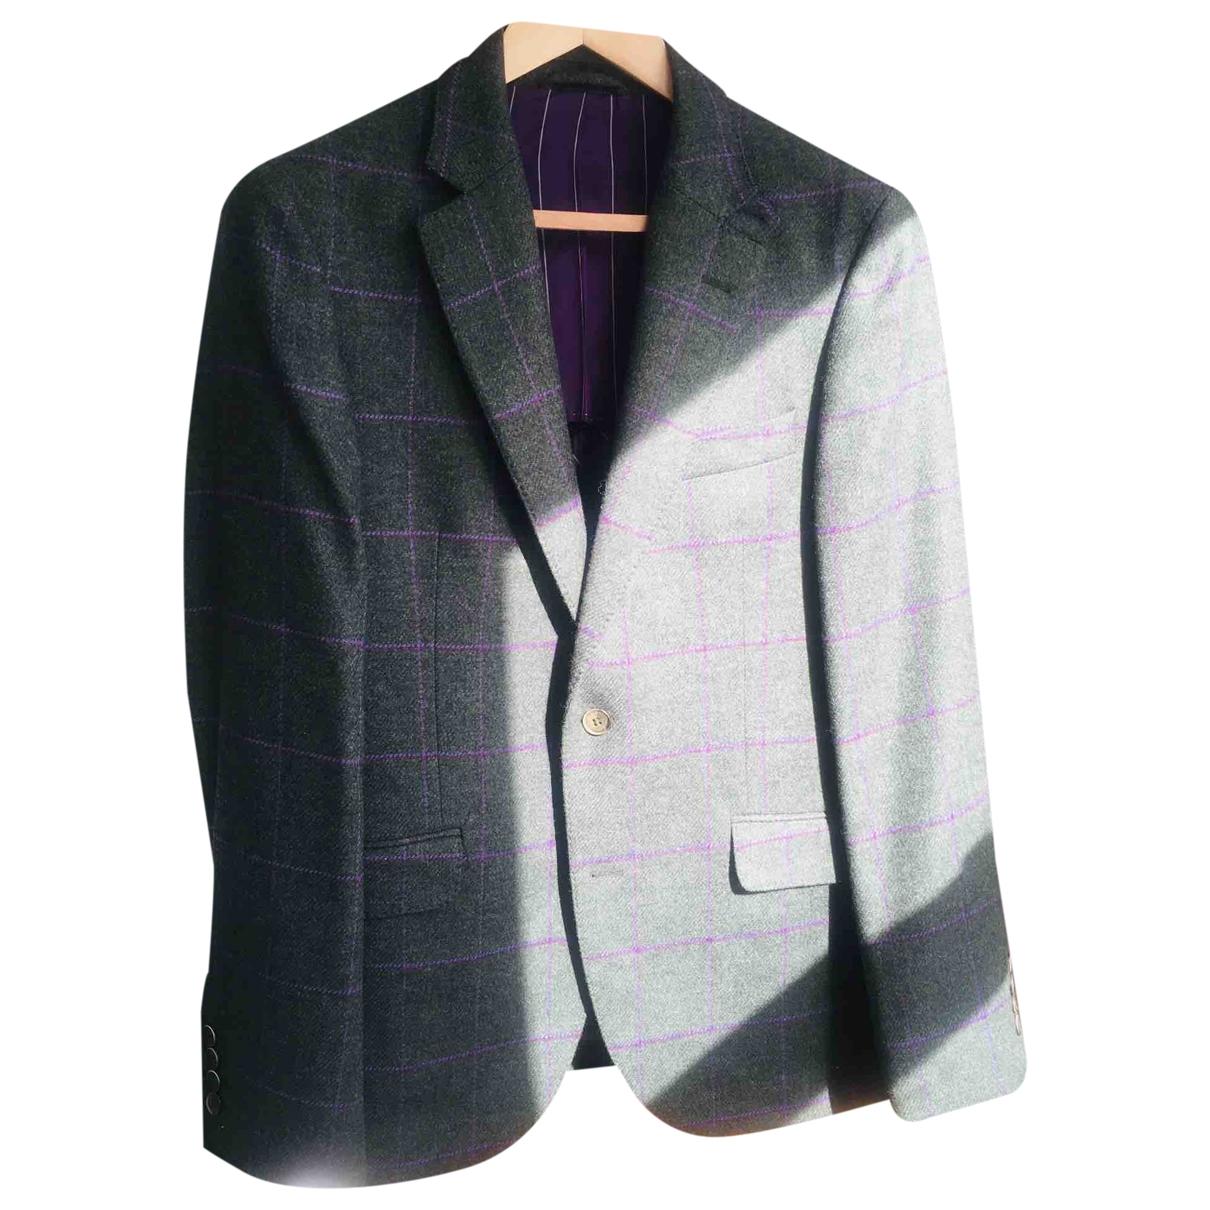 Hackett London - Vestes.Blousons   pour homme en laine - vert